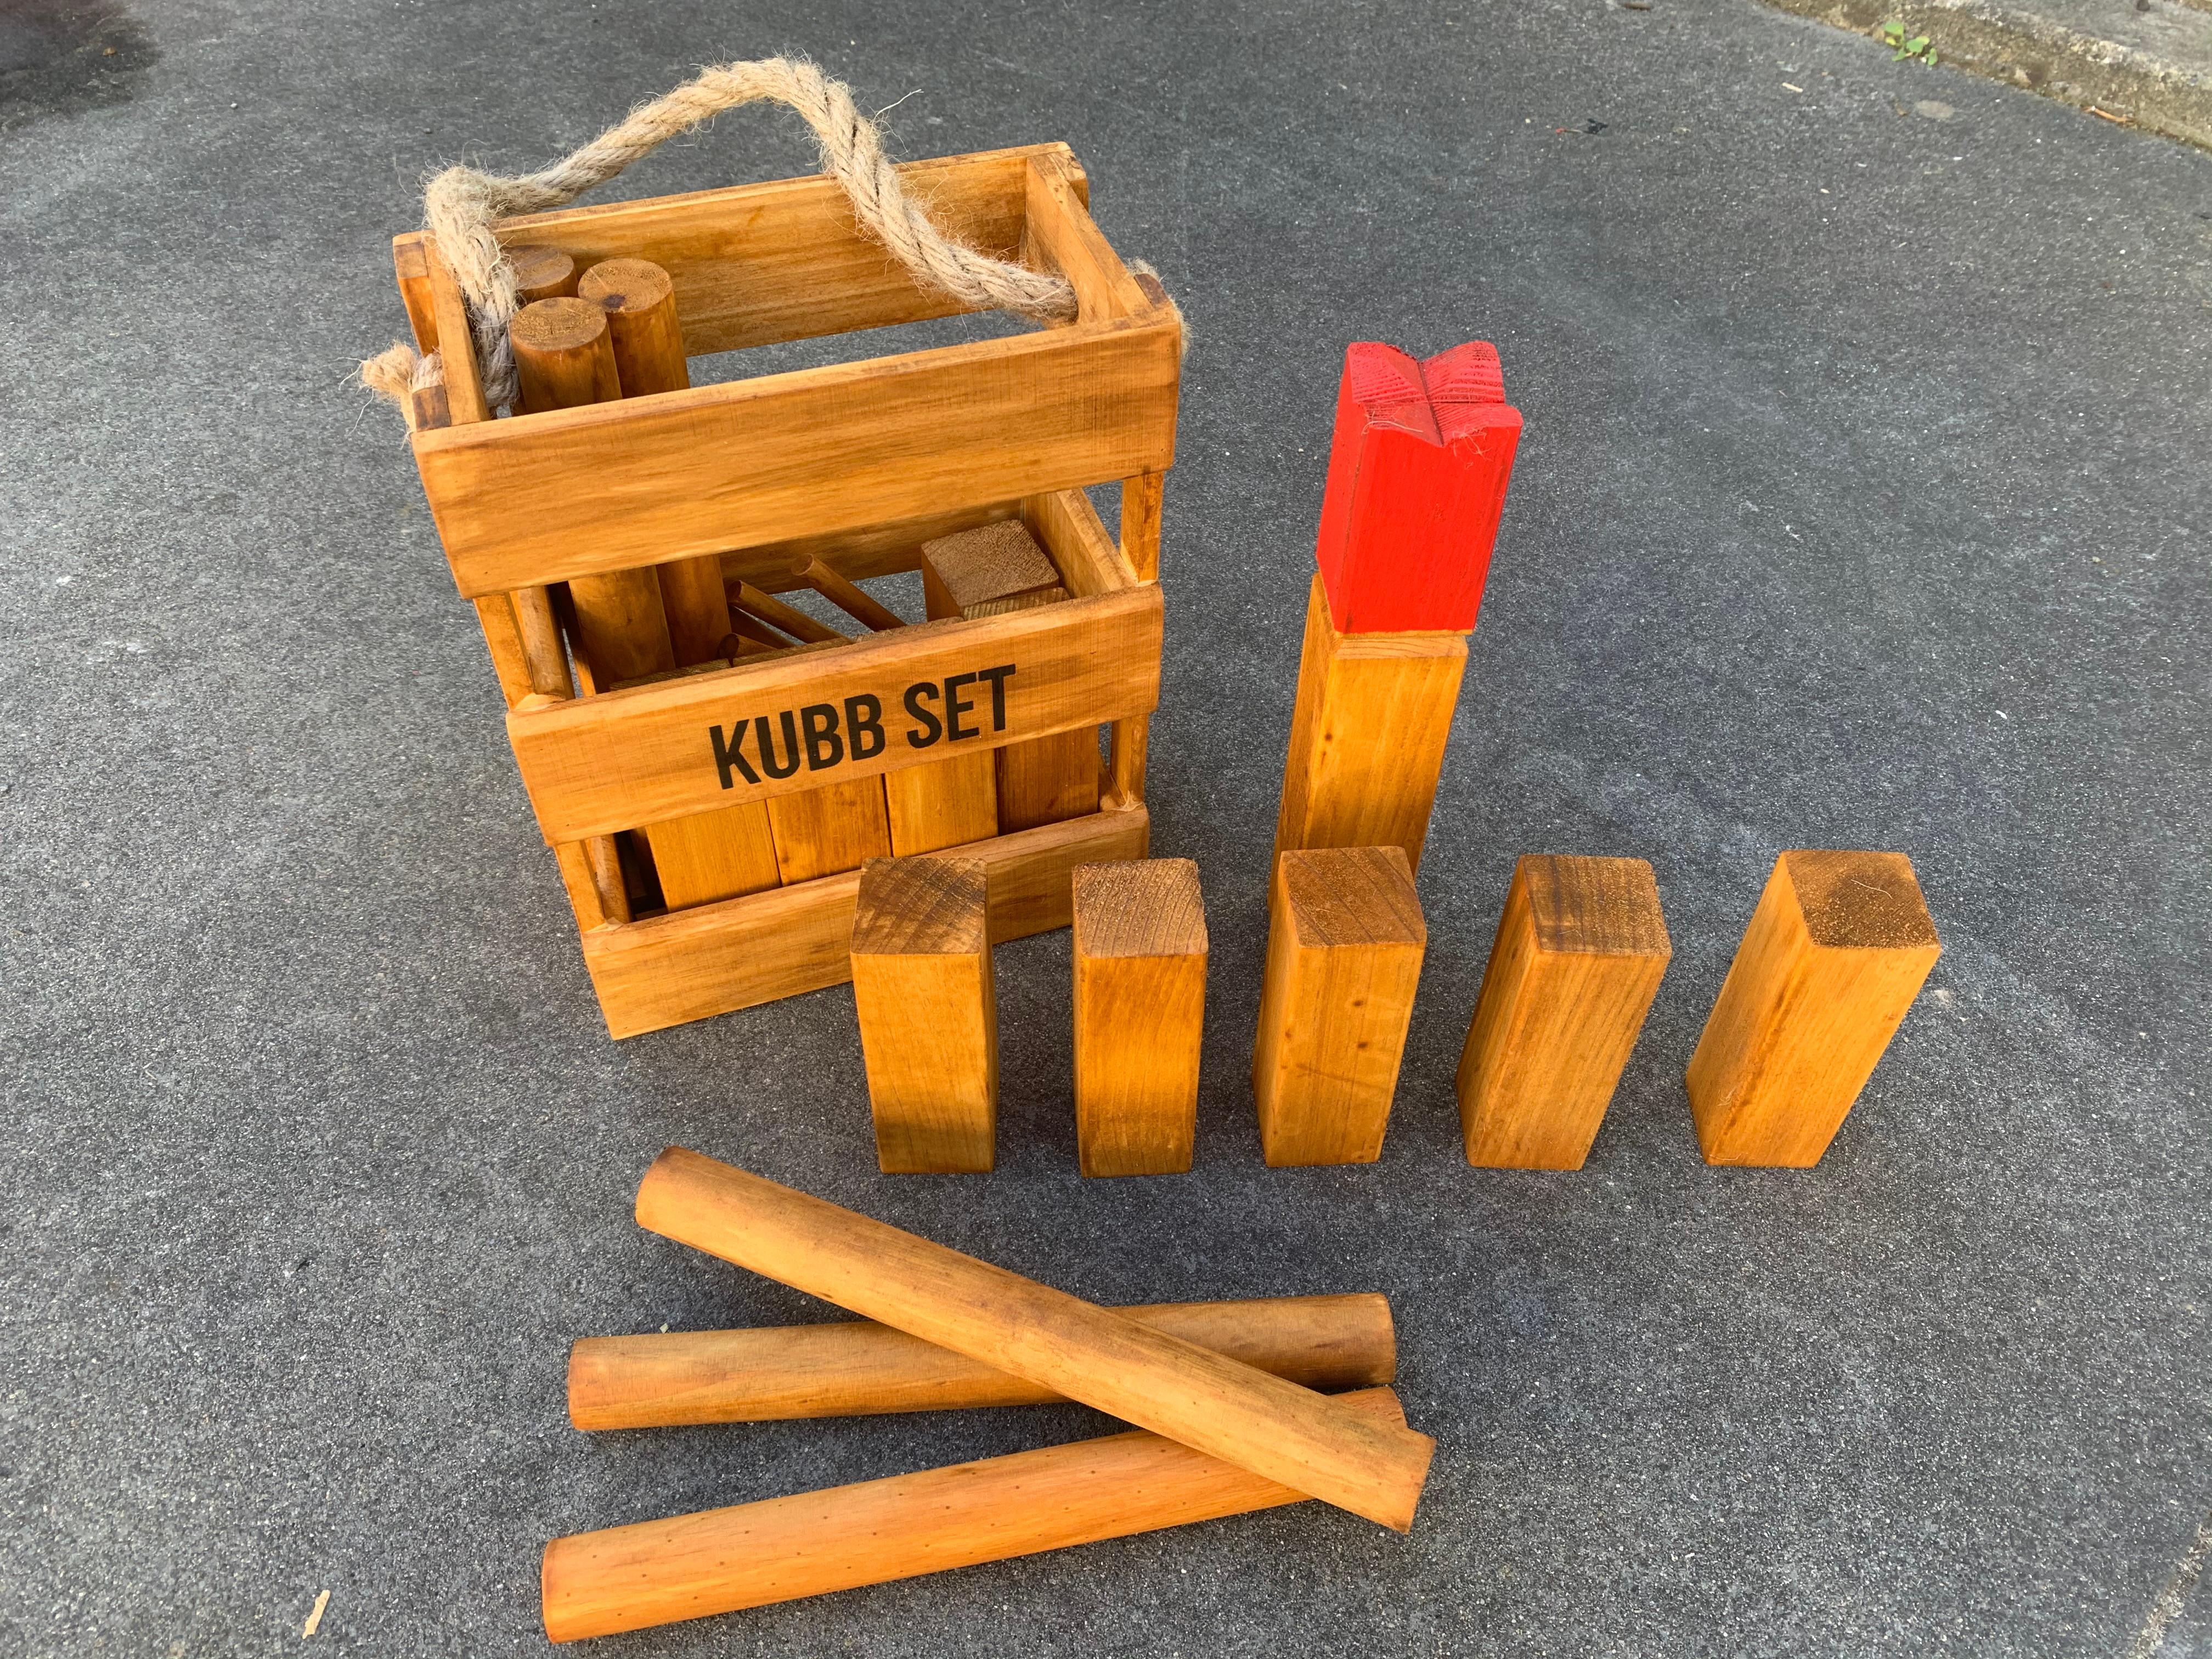 Kubb outdoor game